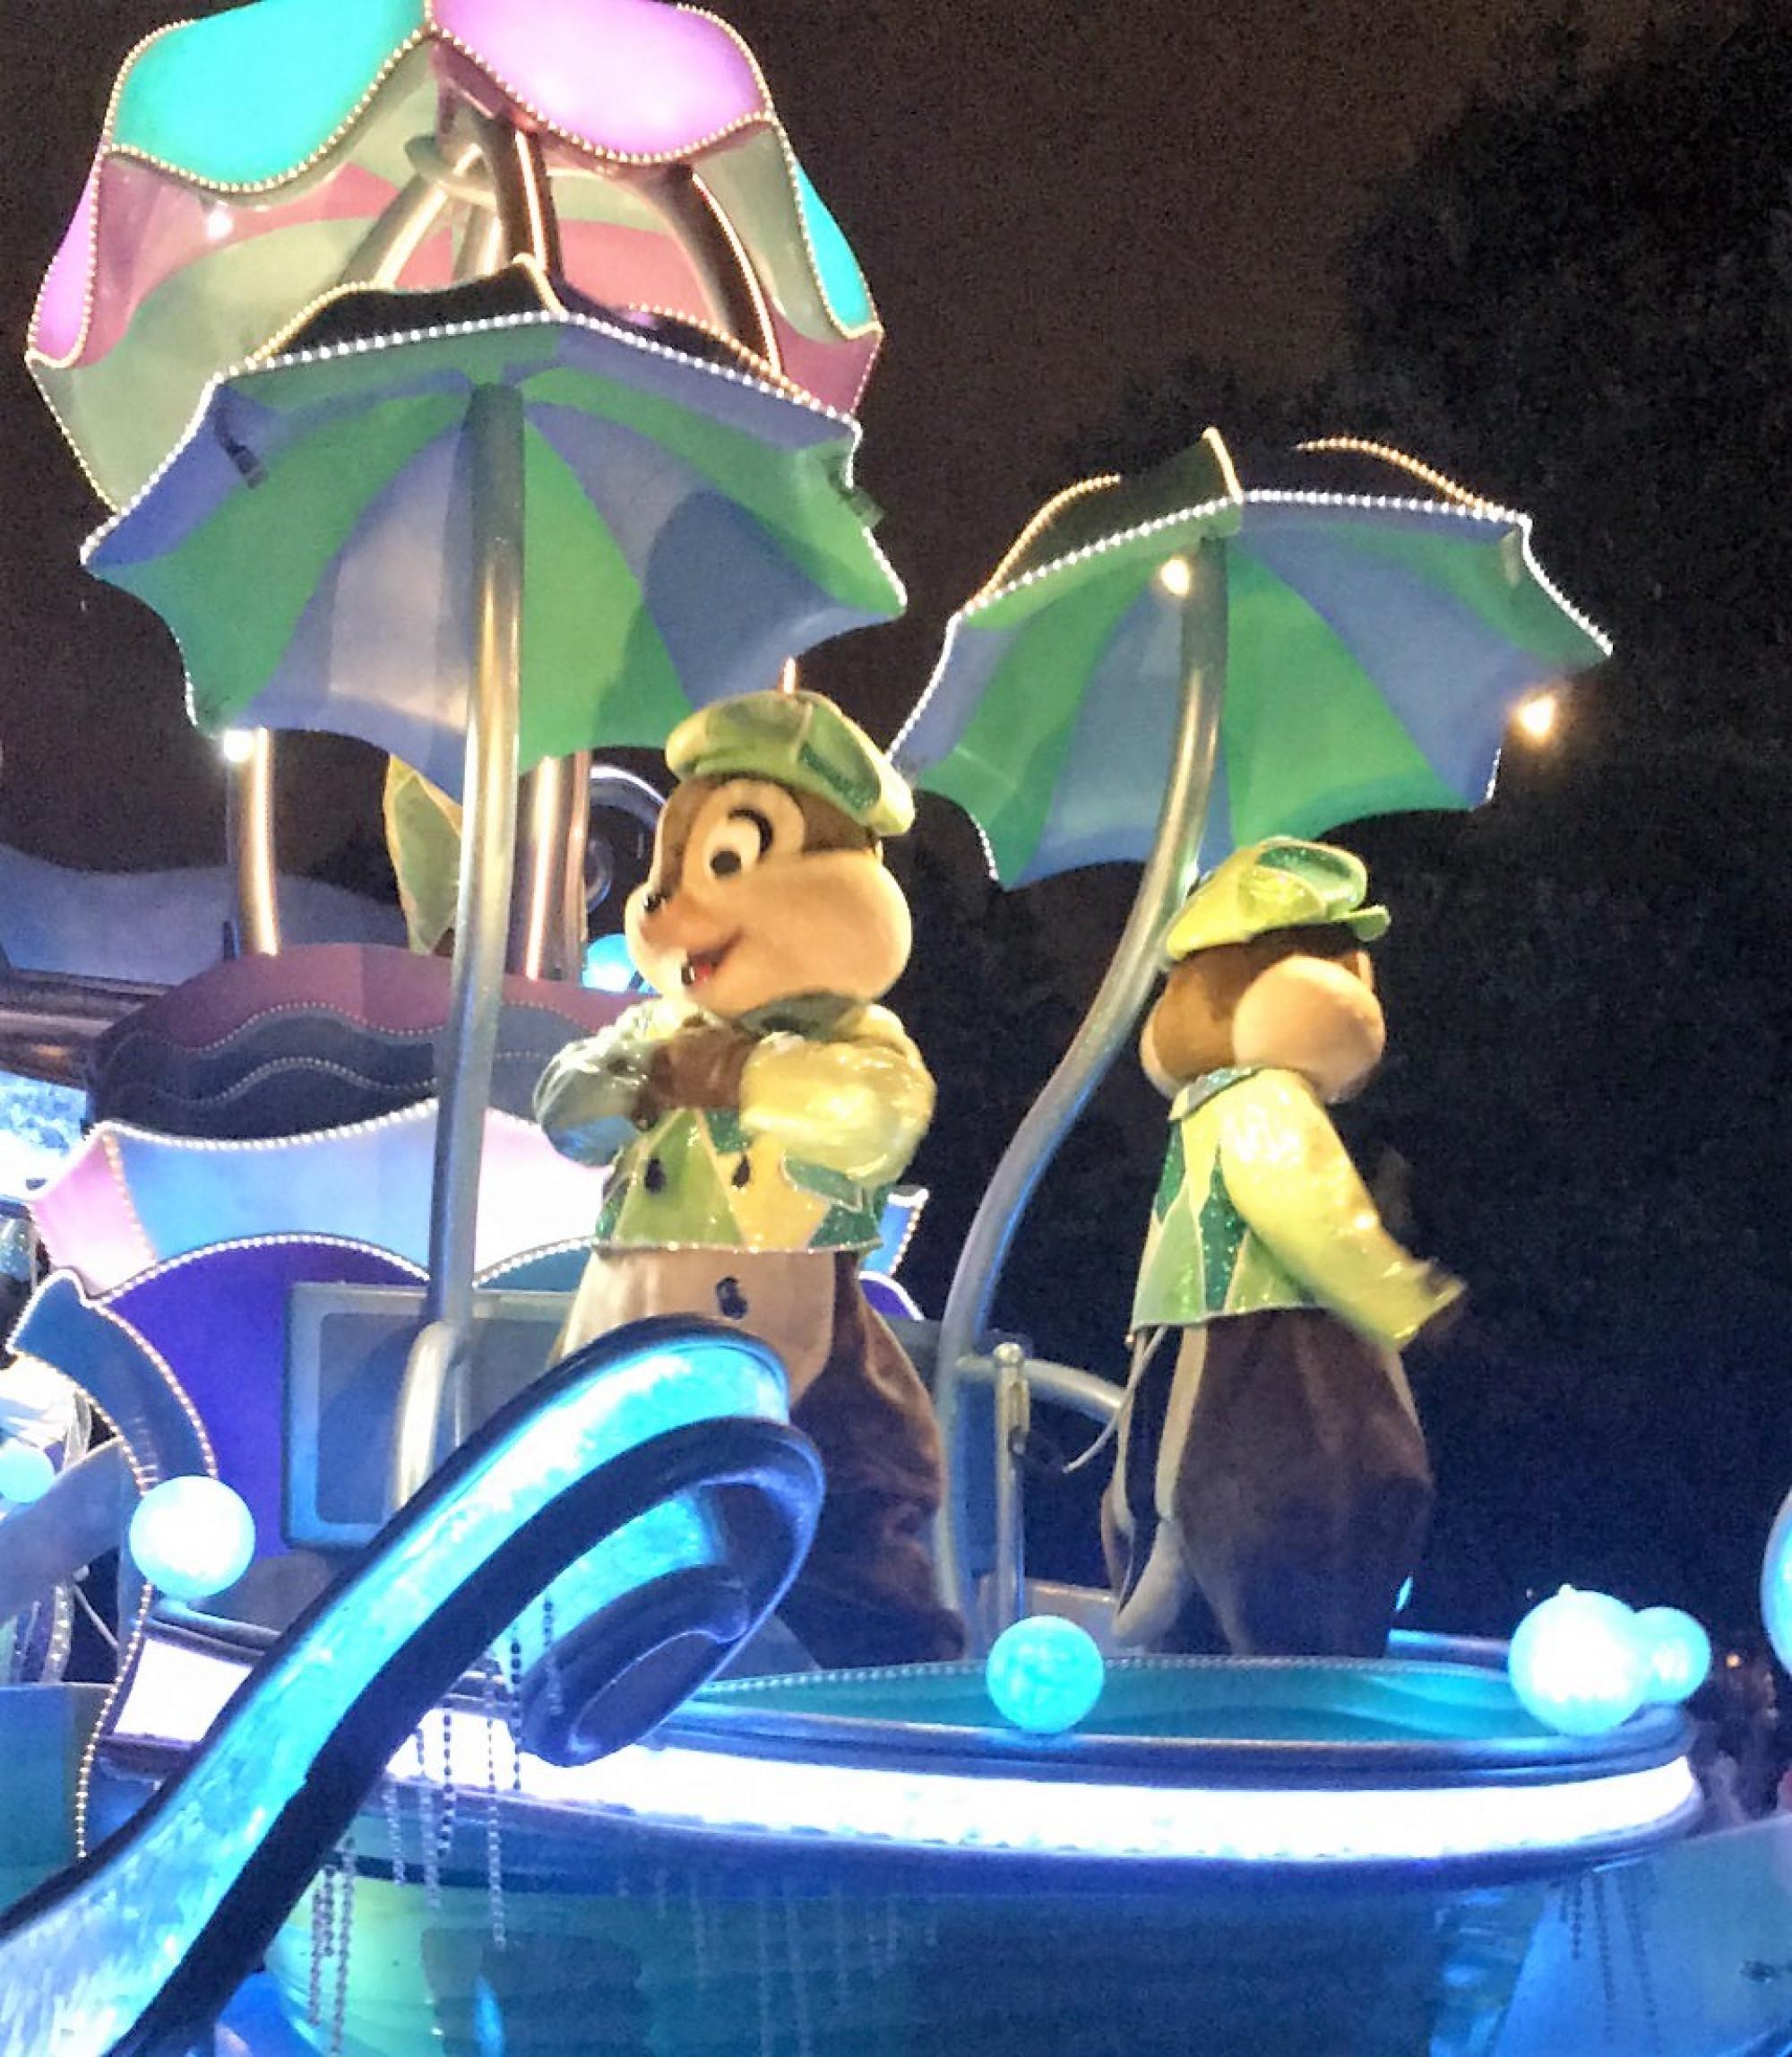 チップとデールが傘をさしていますね♪